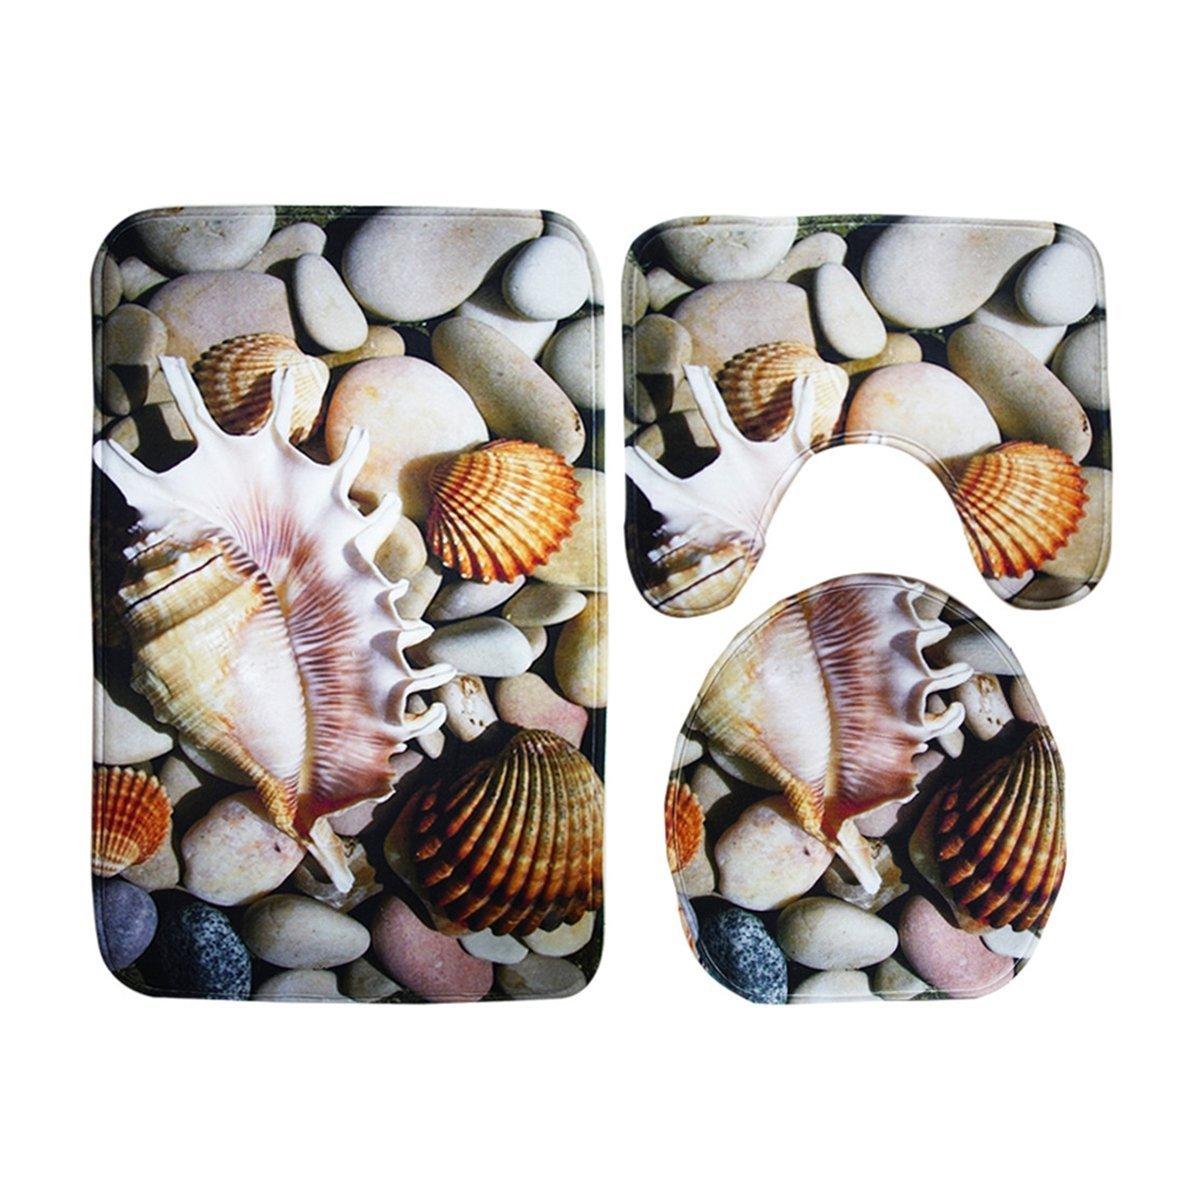 Ounona igienica di ghiaia tappeto conchiglia mare Beach 3pcs tappetino da bagno + tappetino + coprisedile WC tappetino FEMDBUFJBJB497